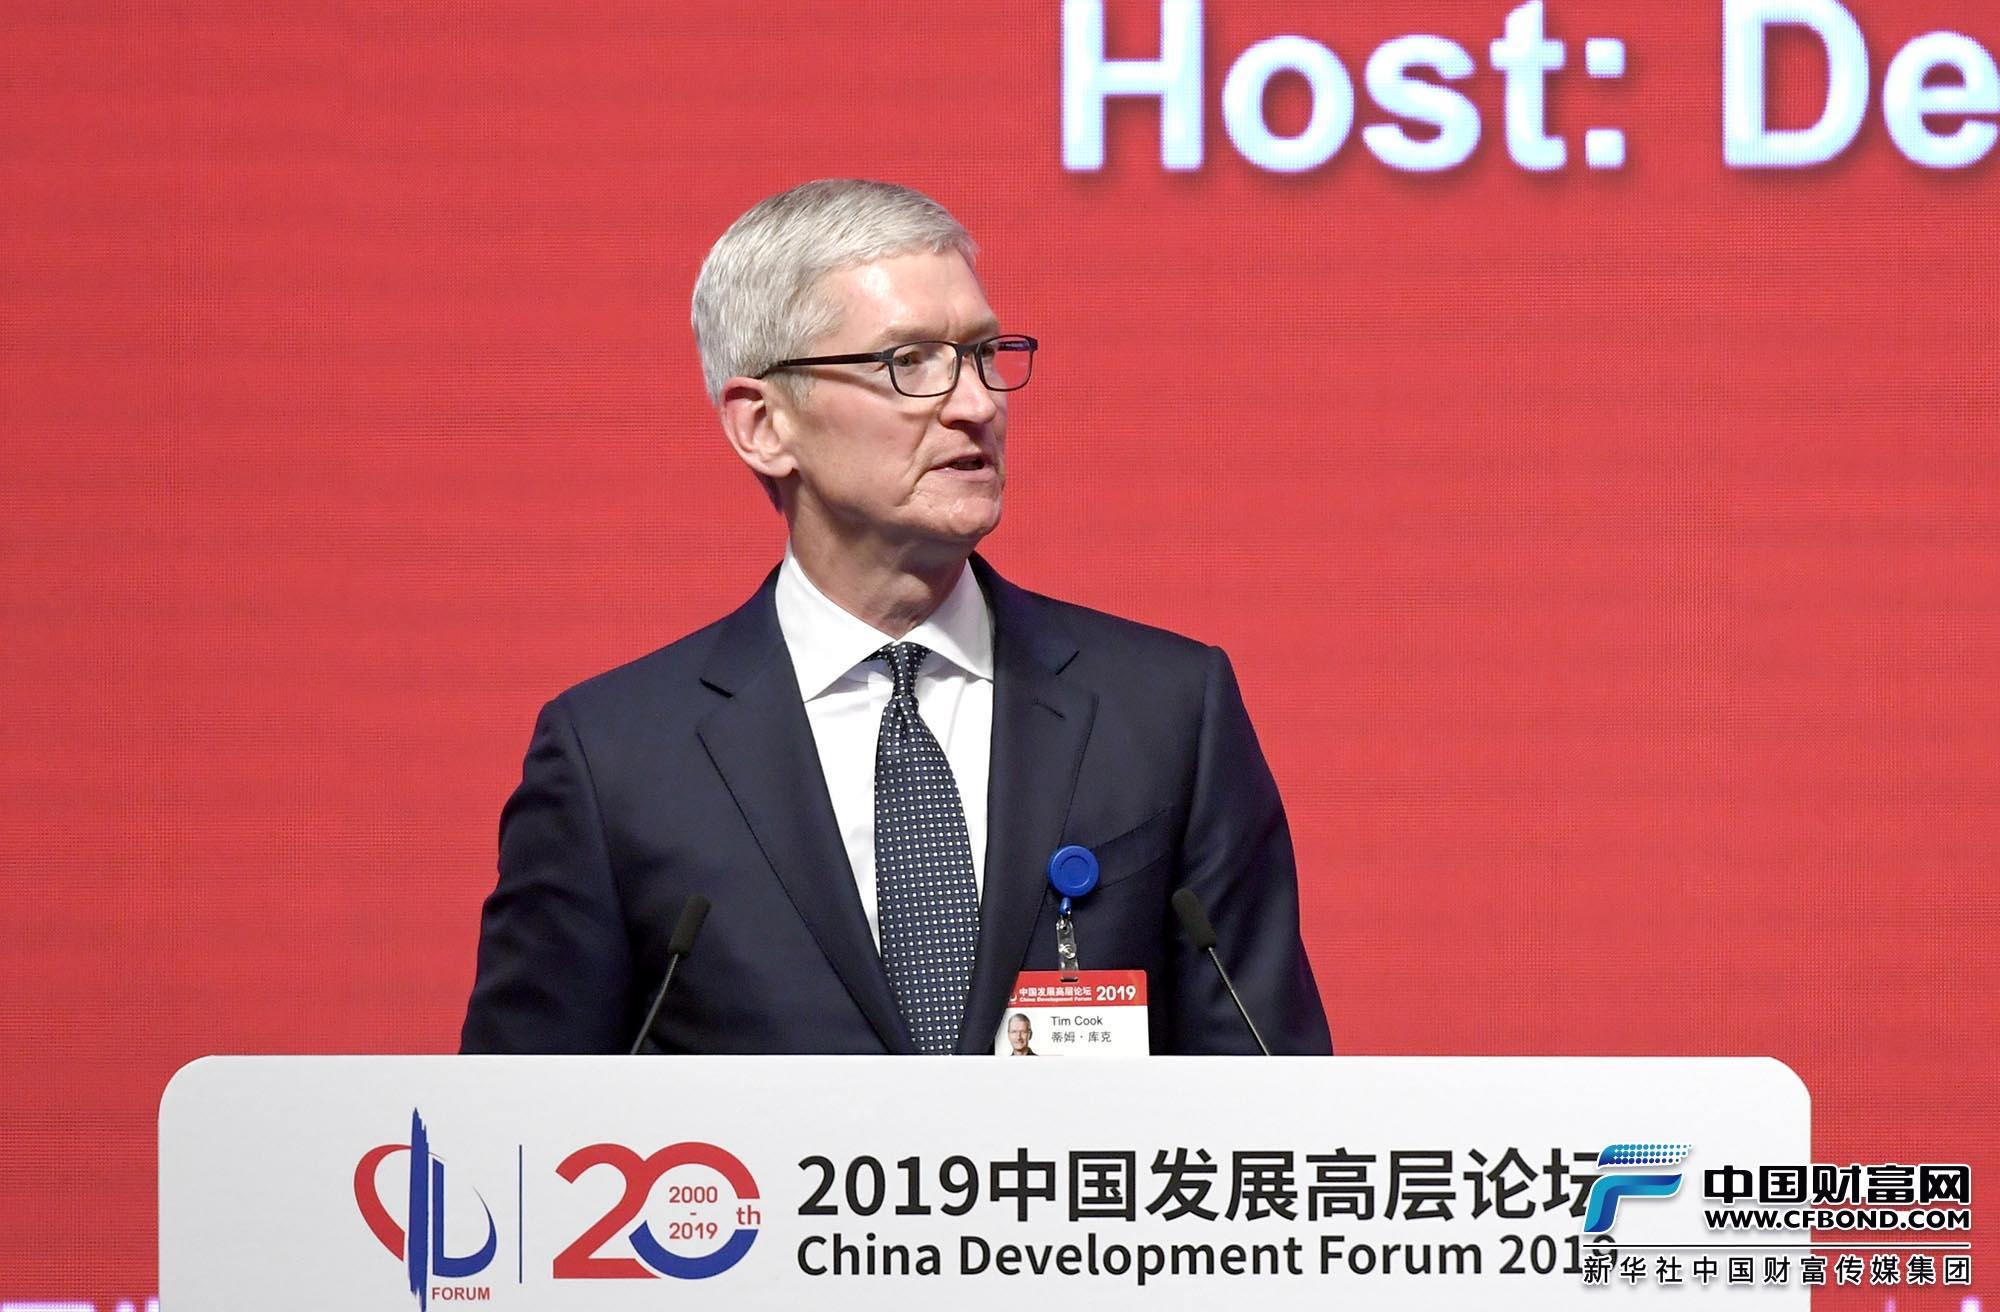 苹果首席执行官蒂姆·库克:苹果欢迎中国持续对外开放